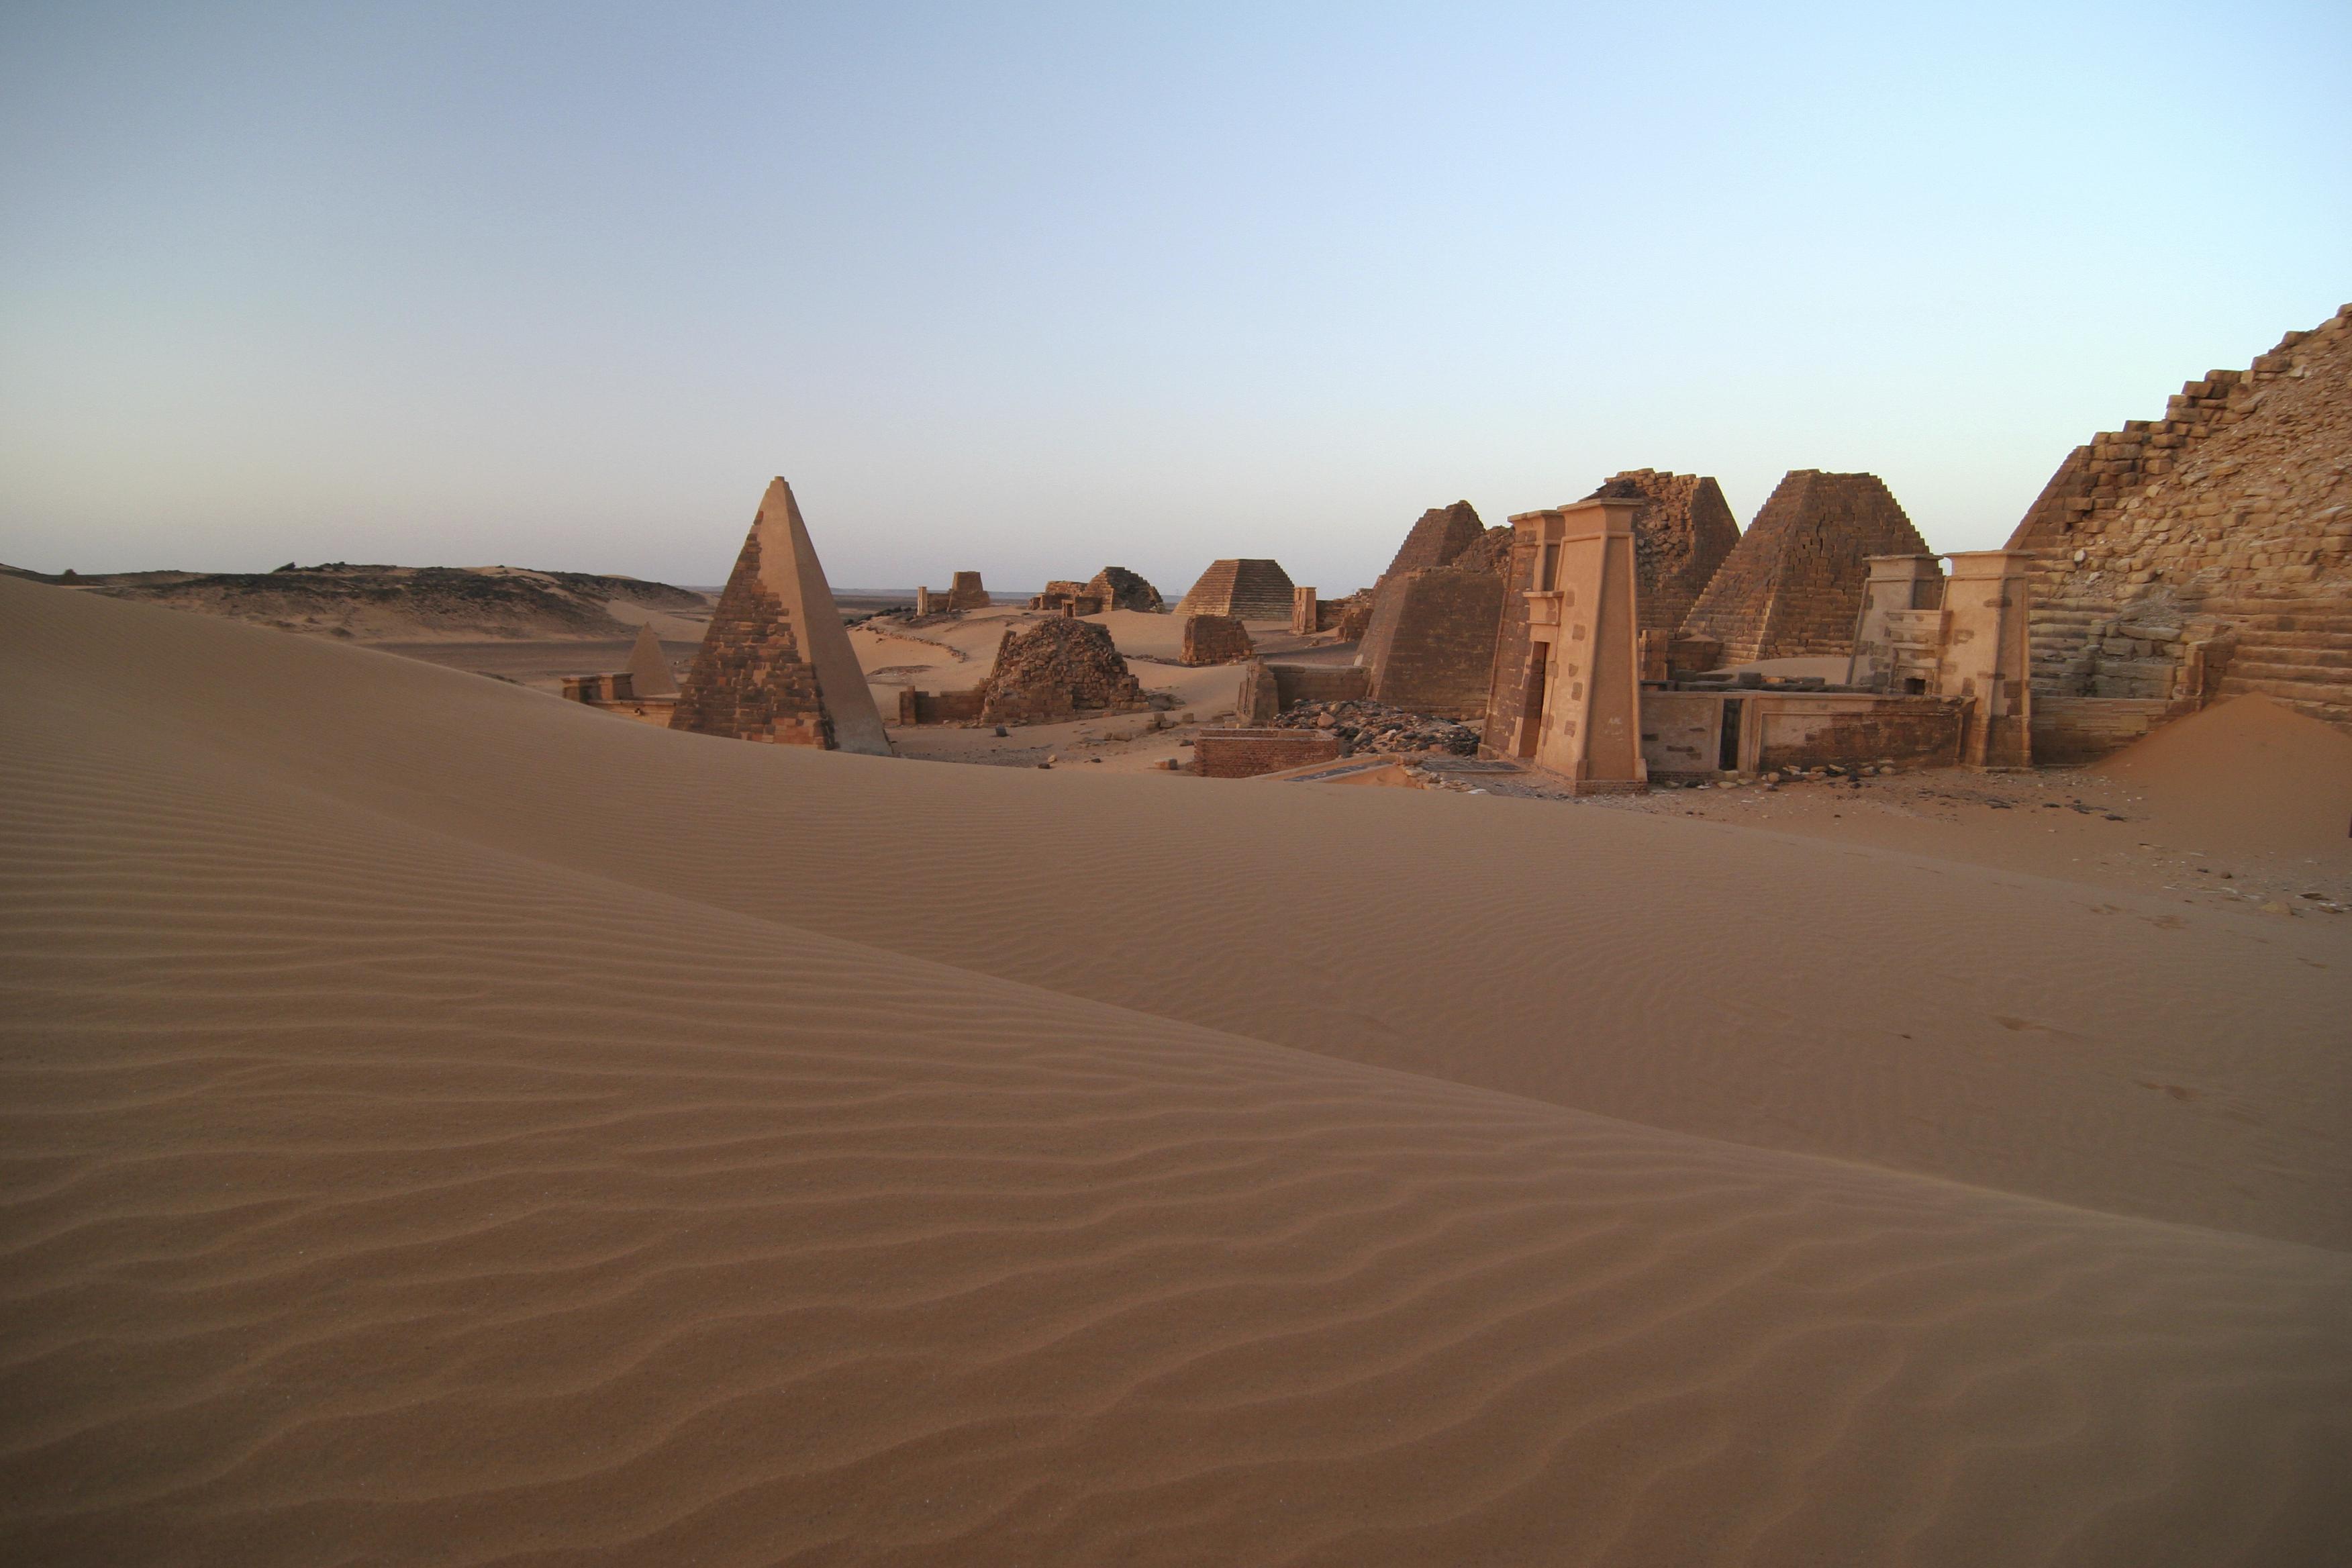 Desert Ruins in the Sudan